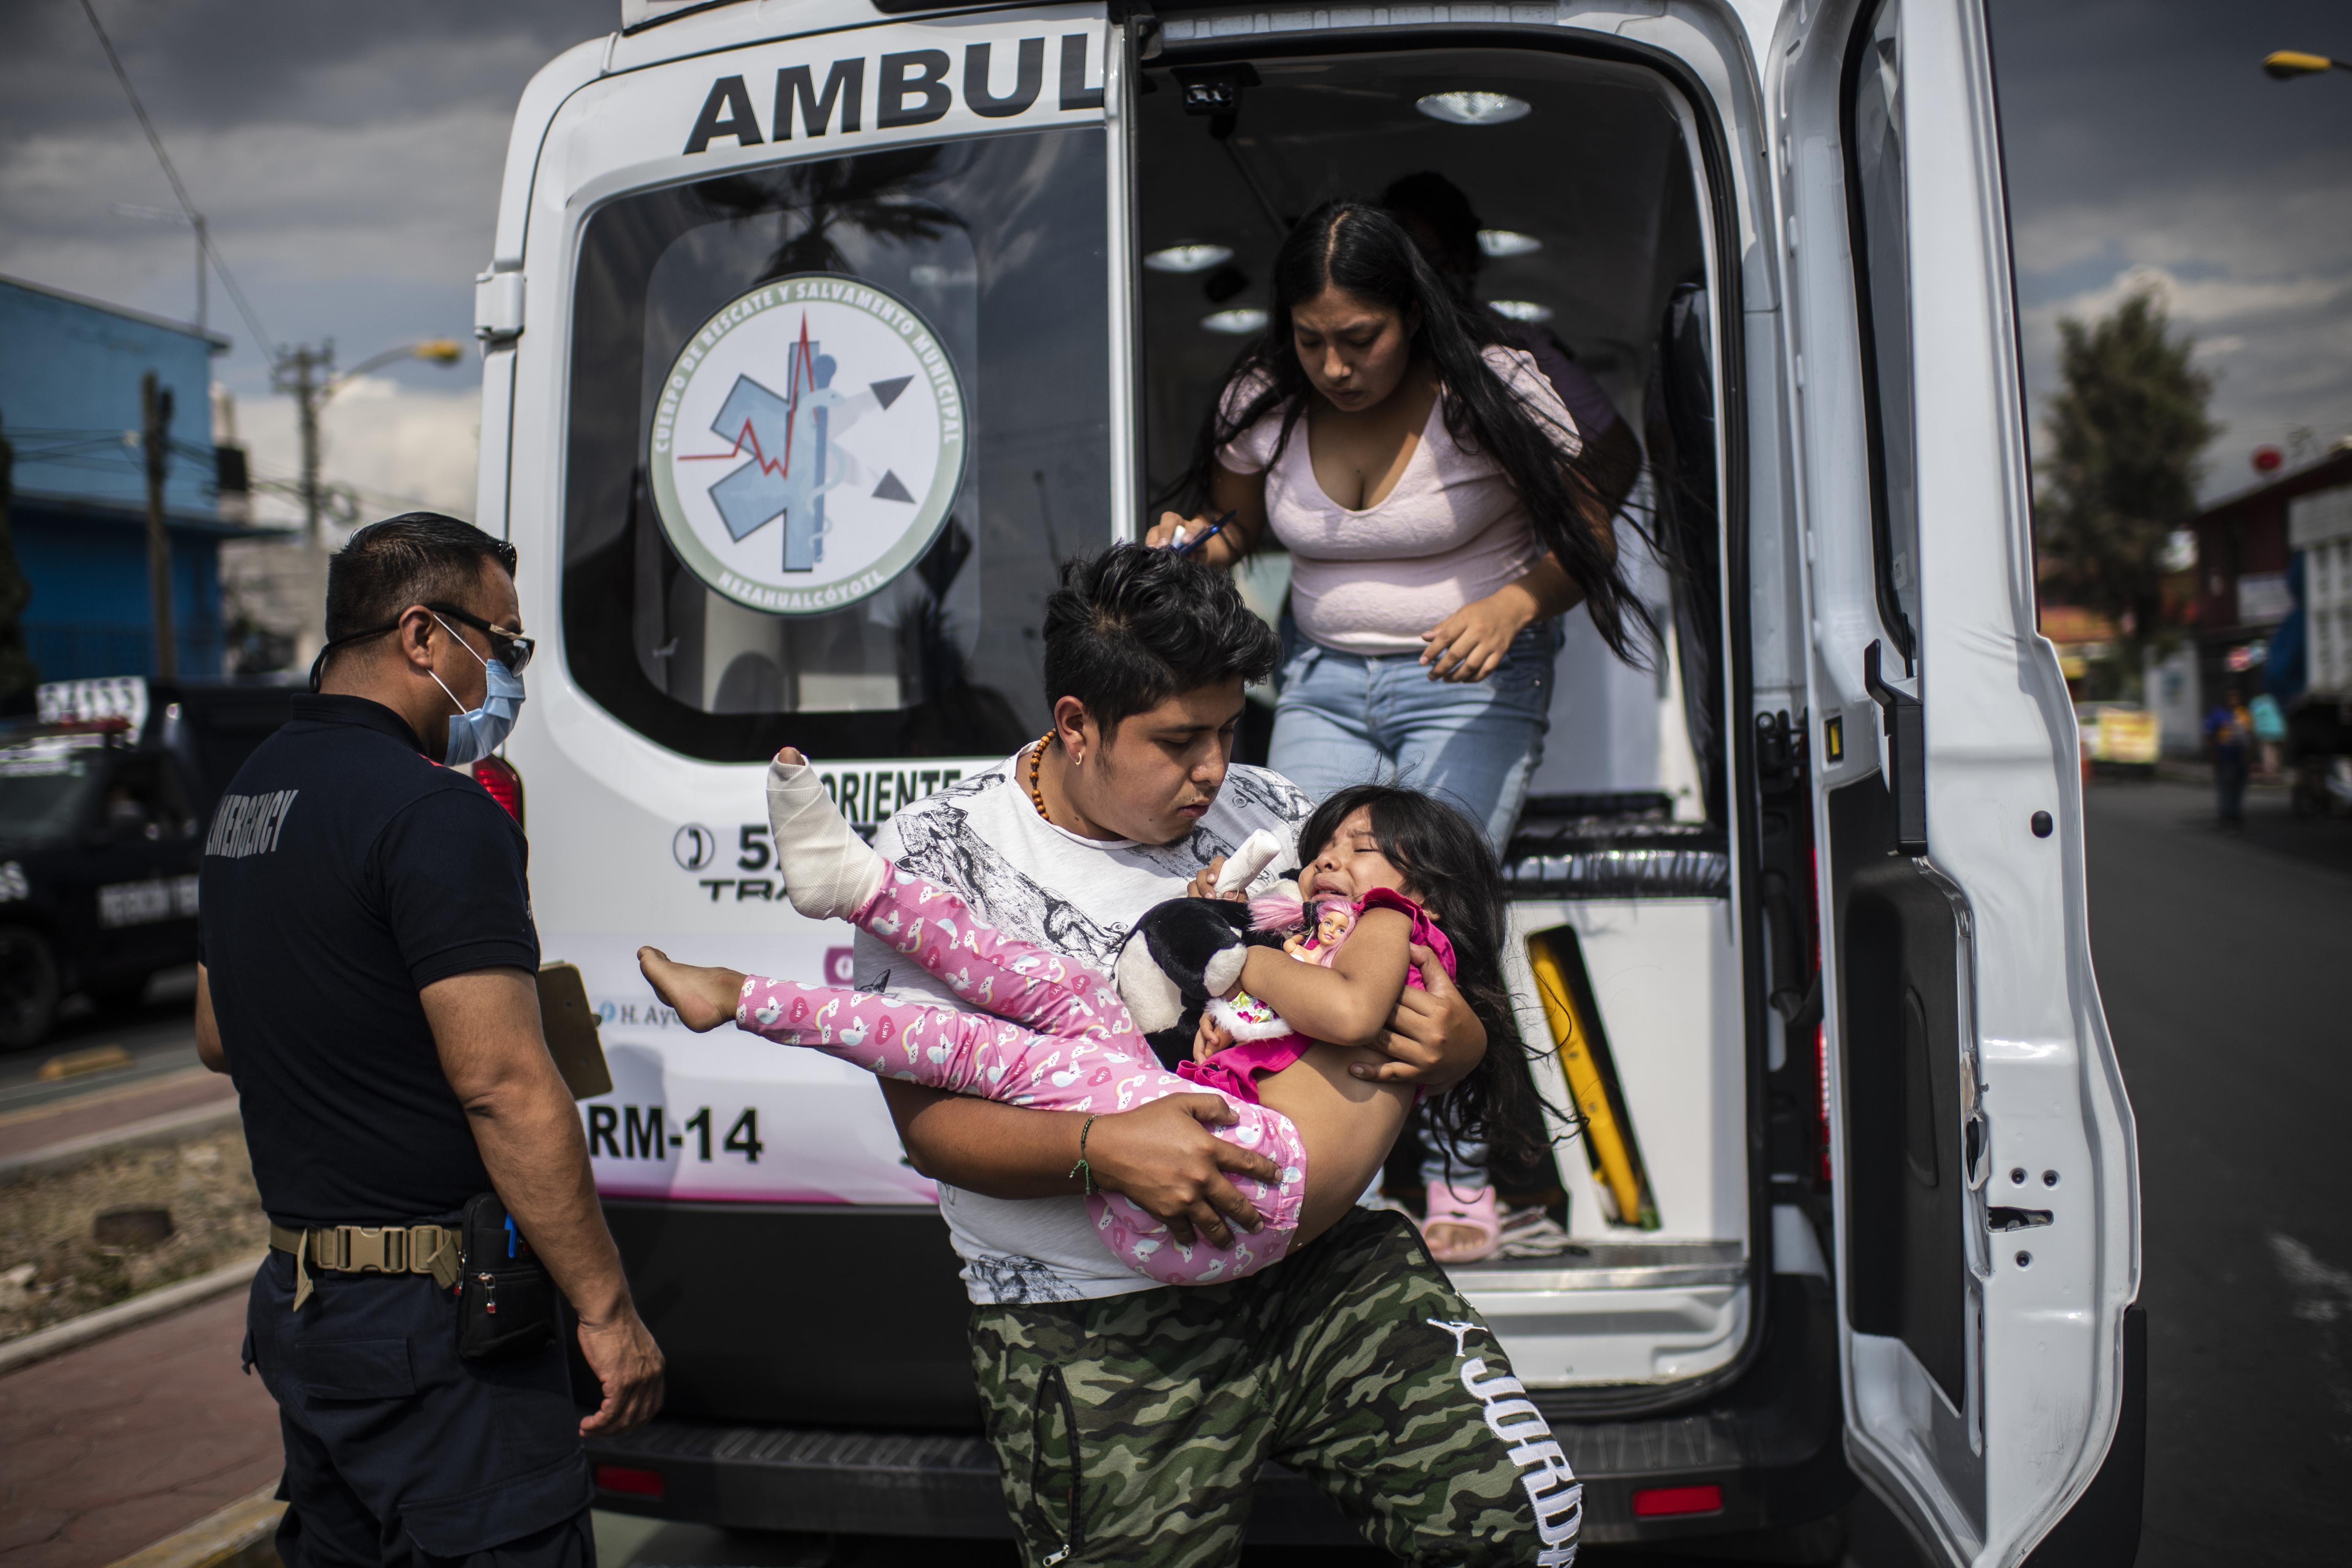 El paramédico Sergio Villafan observa cómo un hombre lleva a una niña herida en un accidente de bicicleta en Ciudad Nezahualcóyotl, Estado de México, México, el 18 de junio de 2020 durante la nueva pandemia de coronavirus de COVID-19. (Foto por Pedro PARDO / AFP)